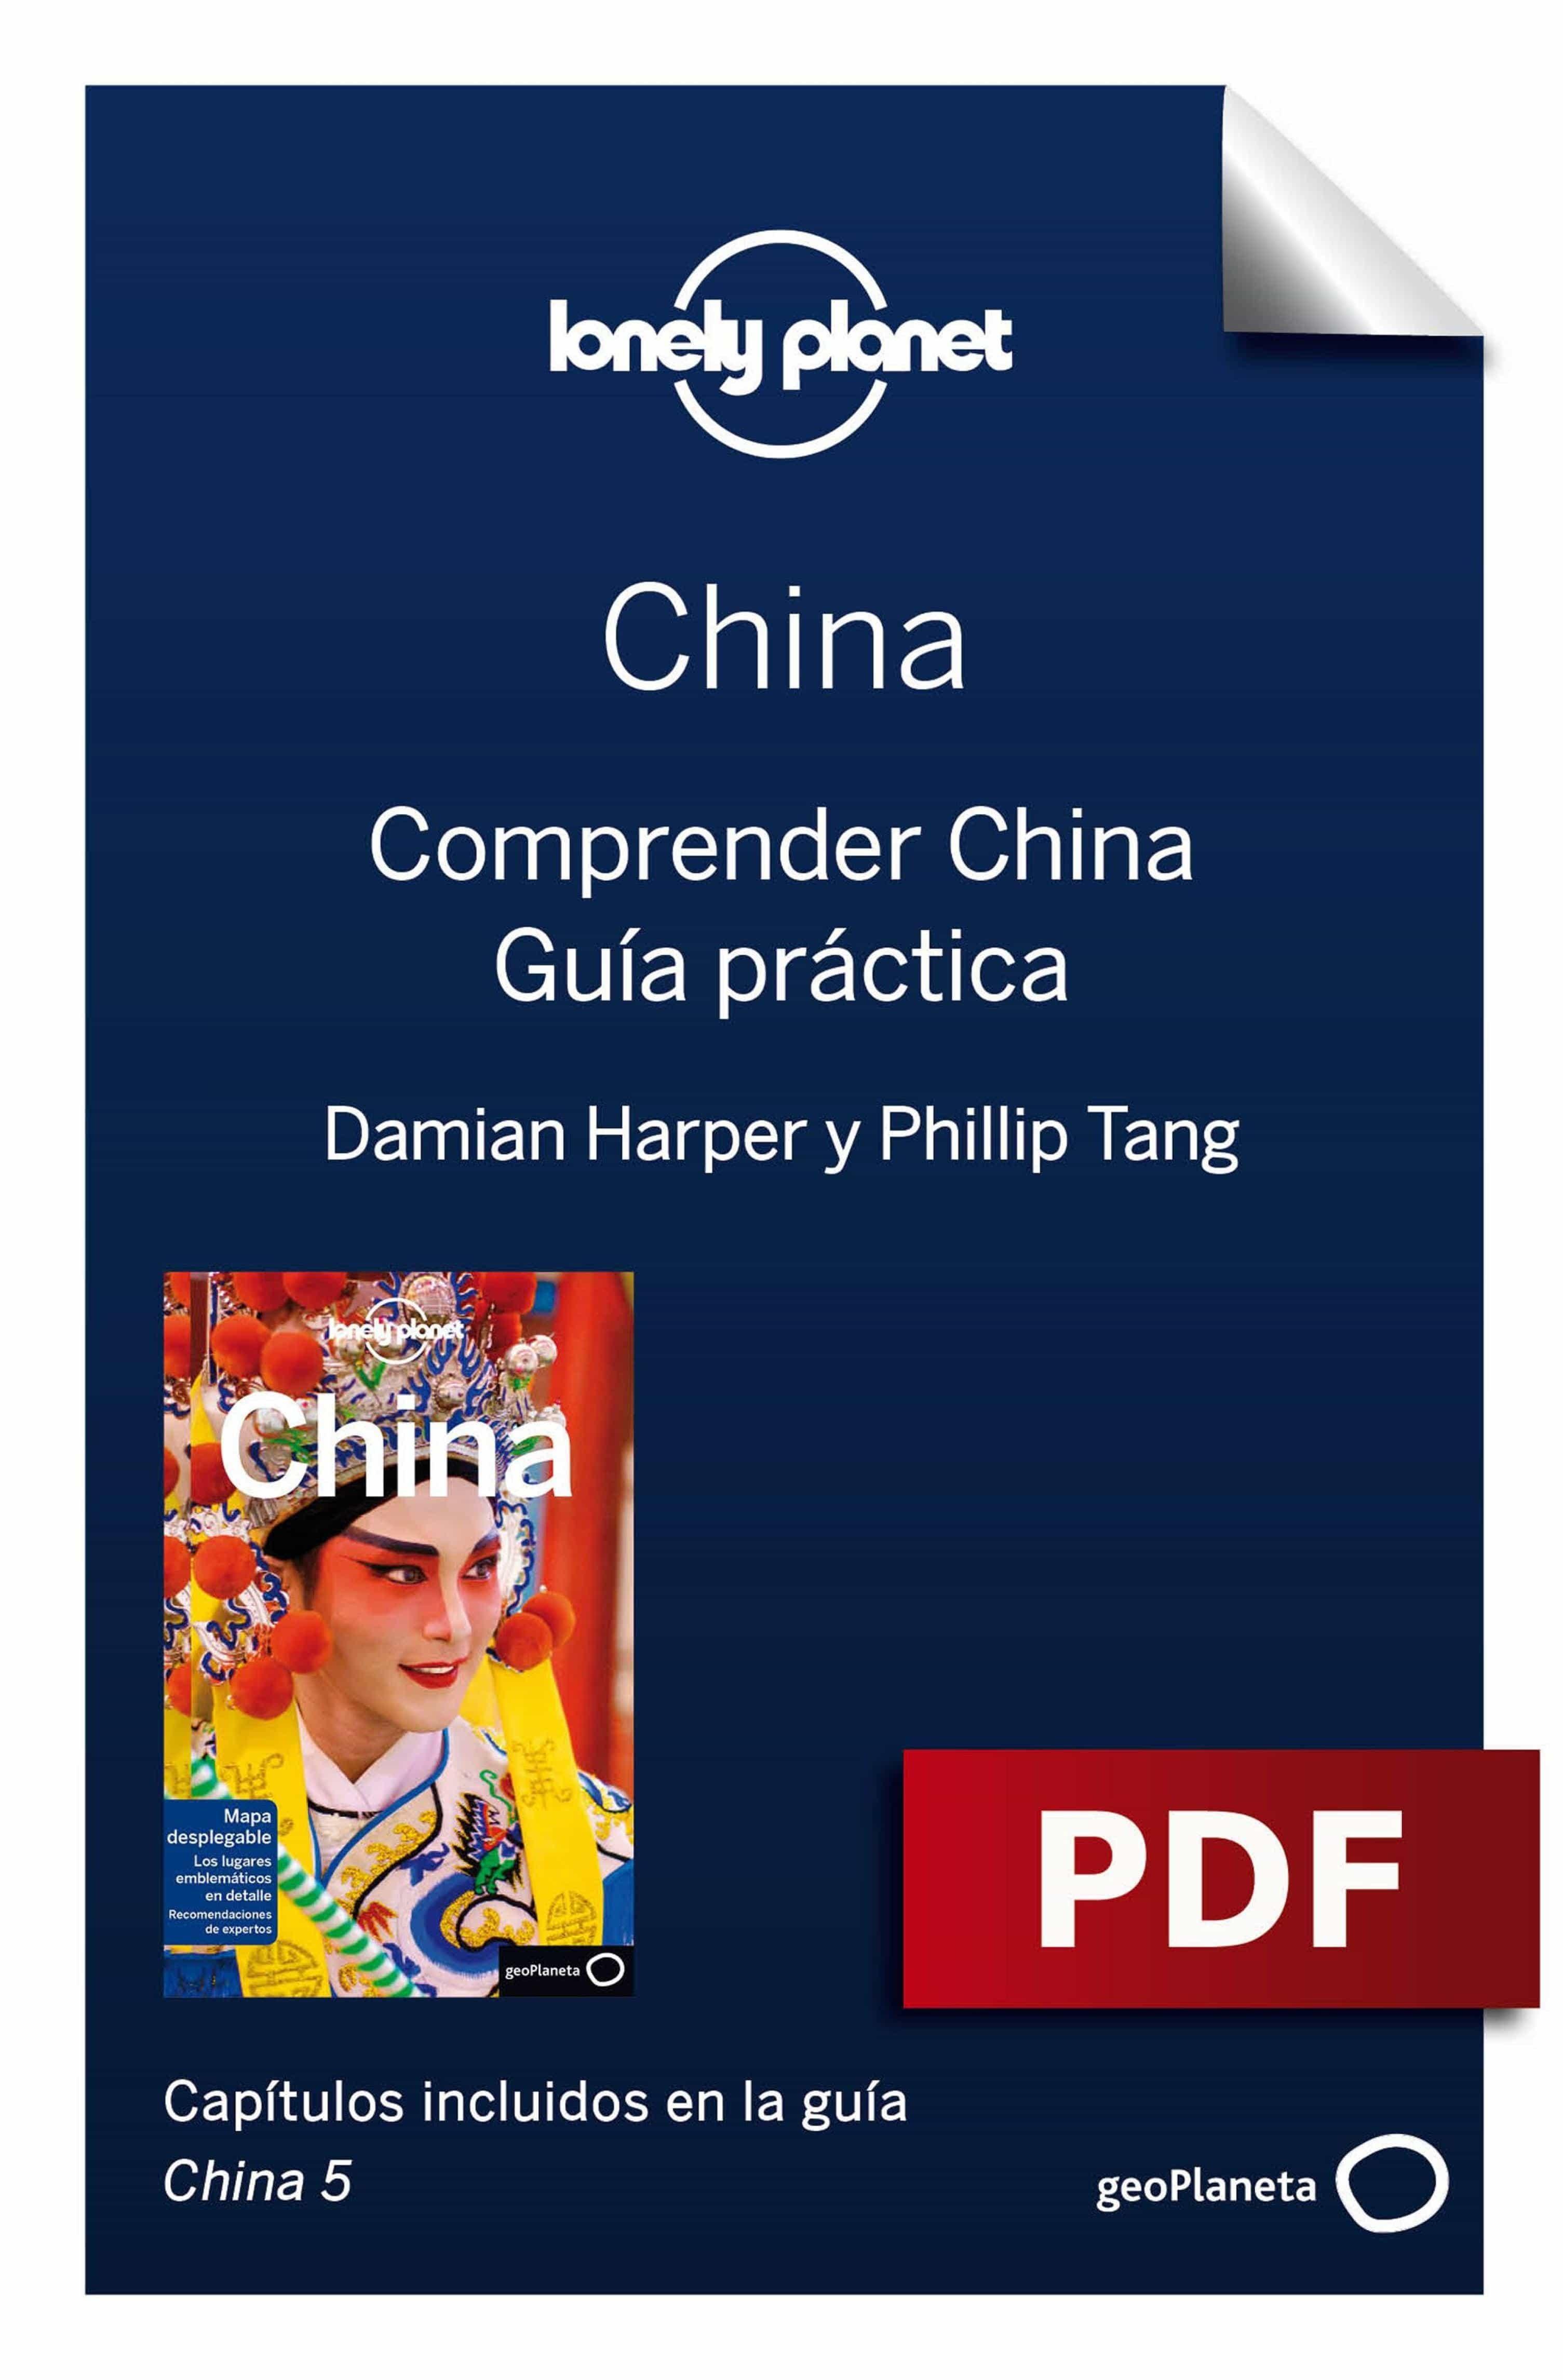 China 5. Comprender Y Guía Práctica   por Vv.aa.